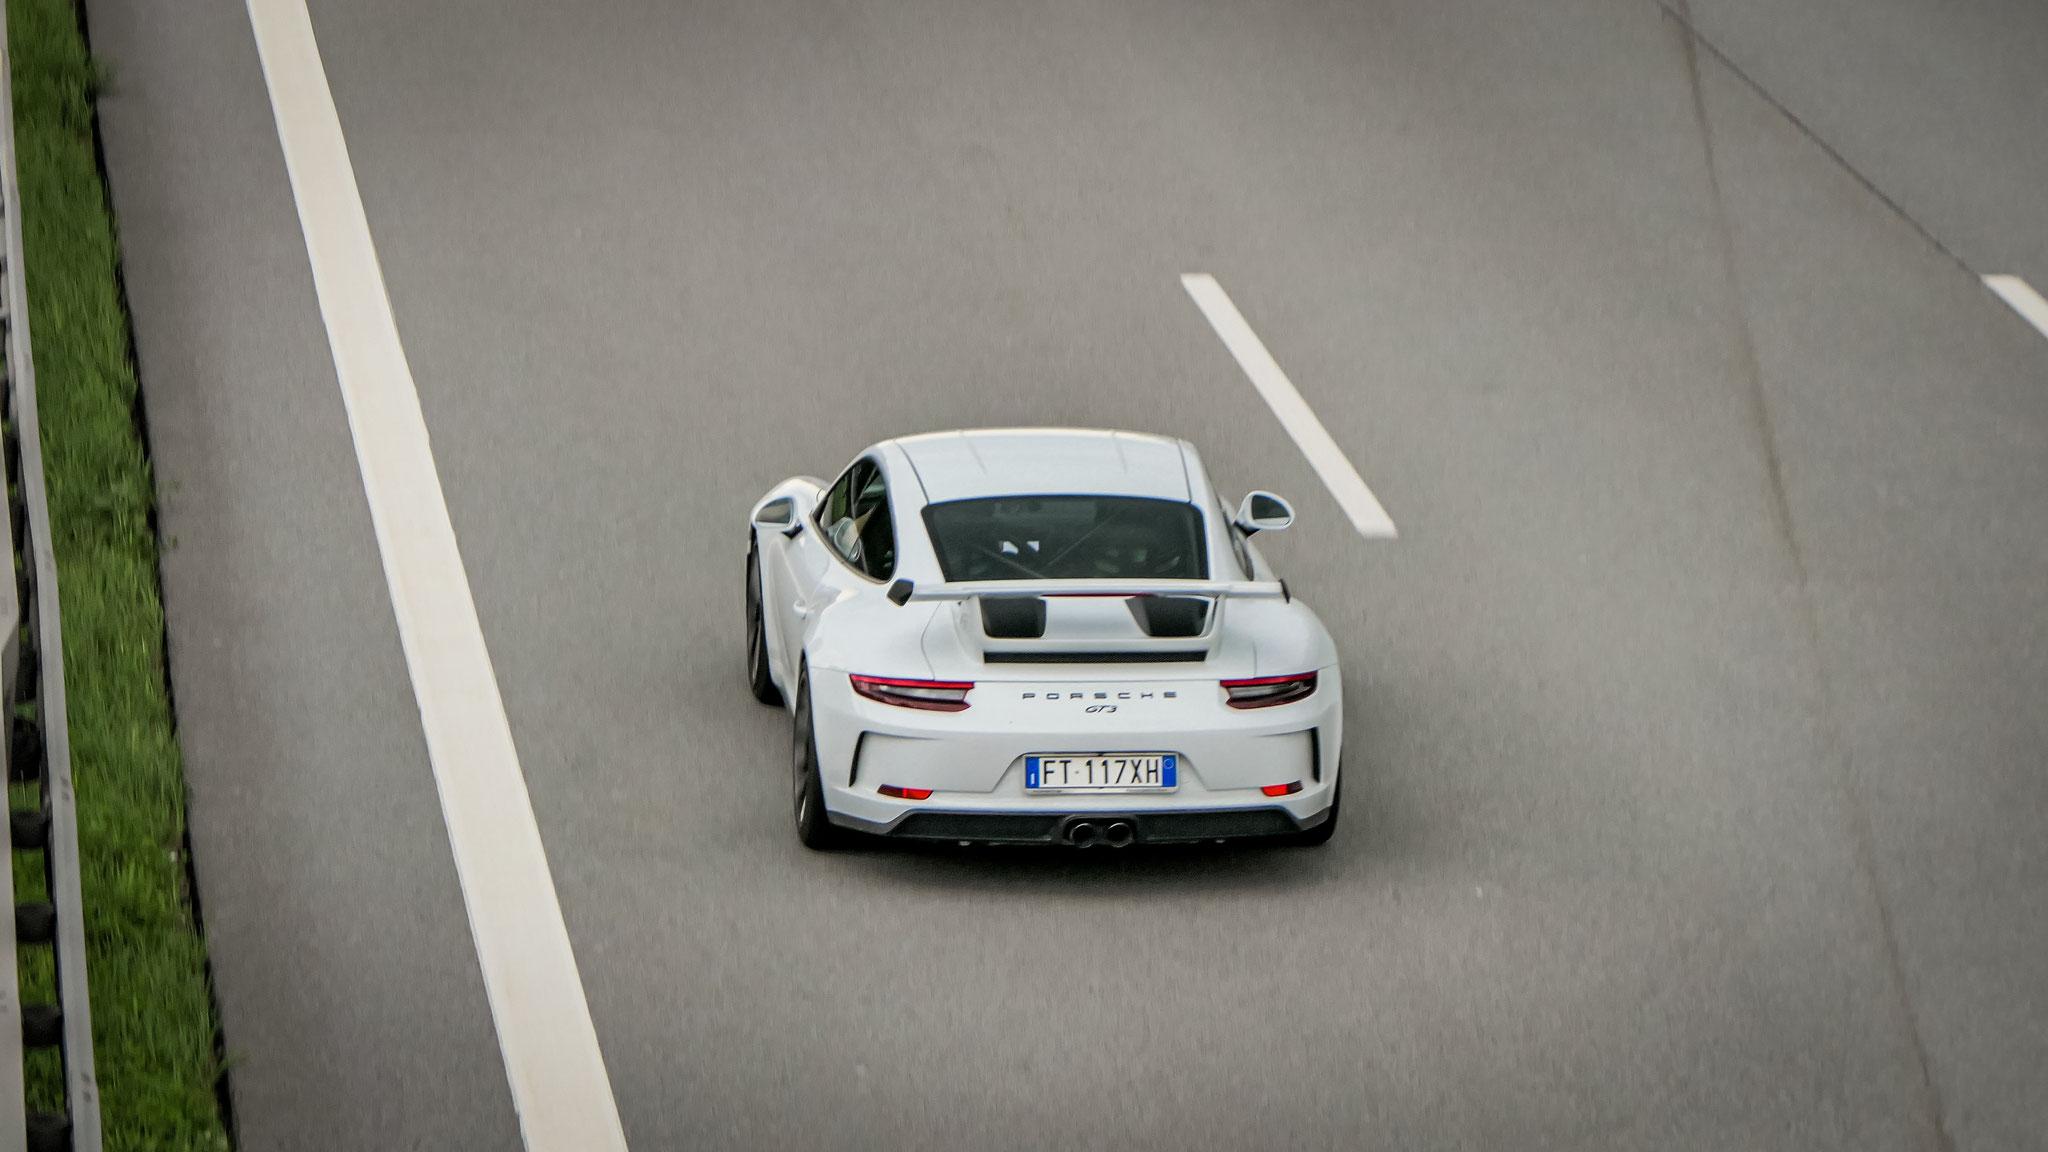 Porsche 991 GT3 - FT-117-XH (ITA)